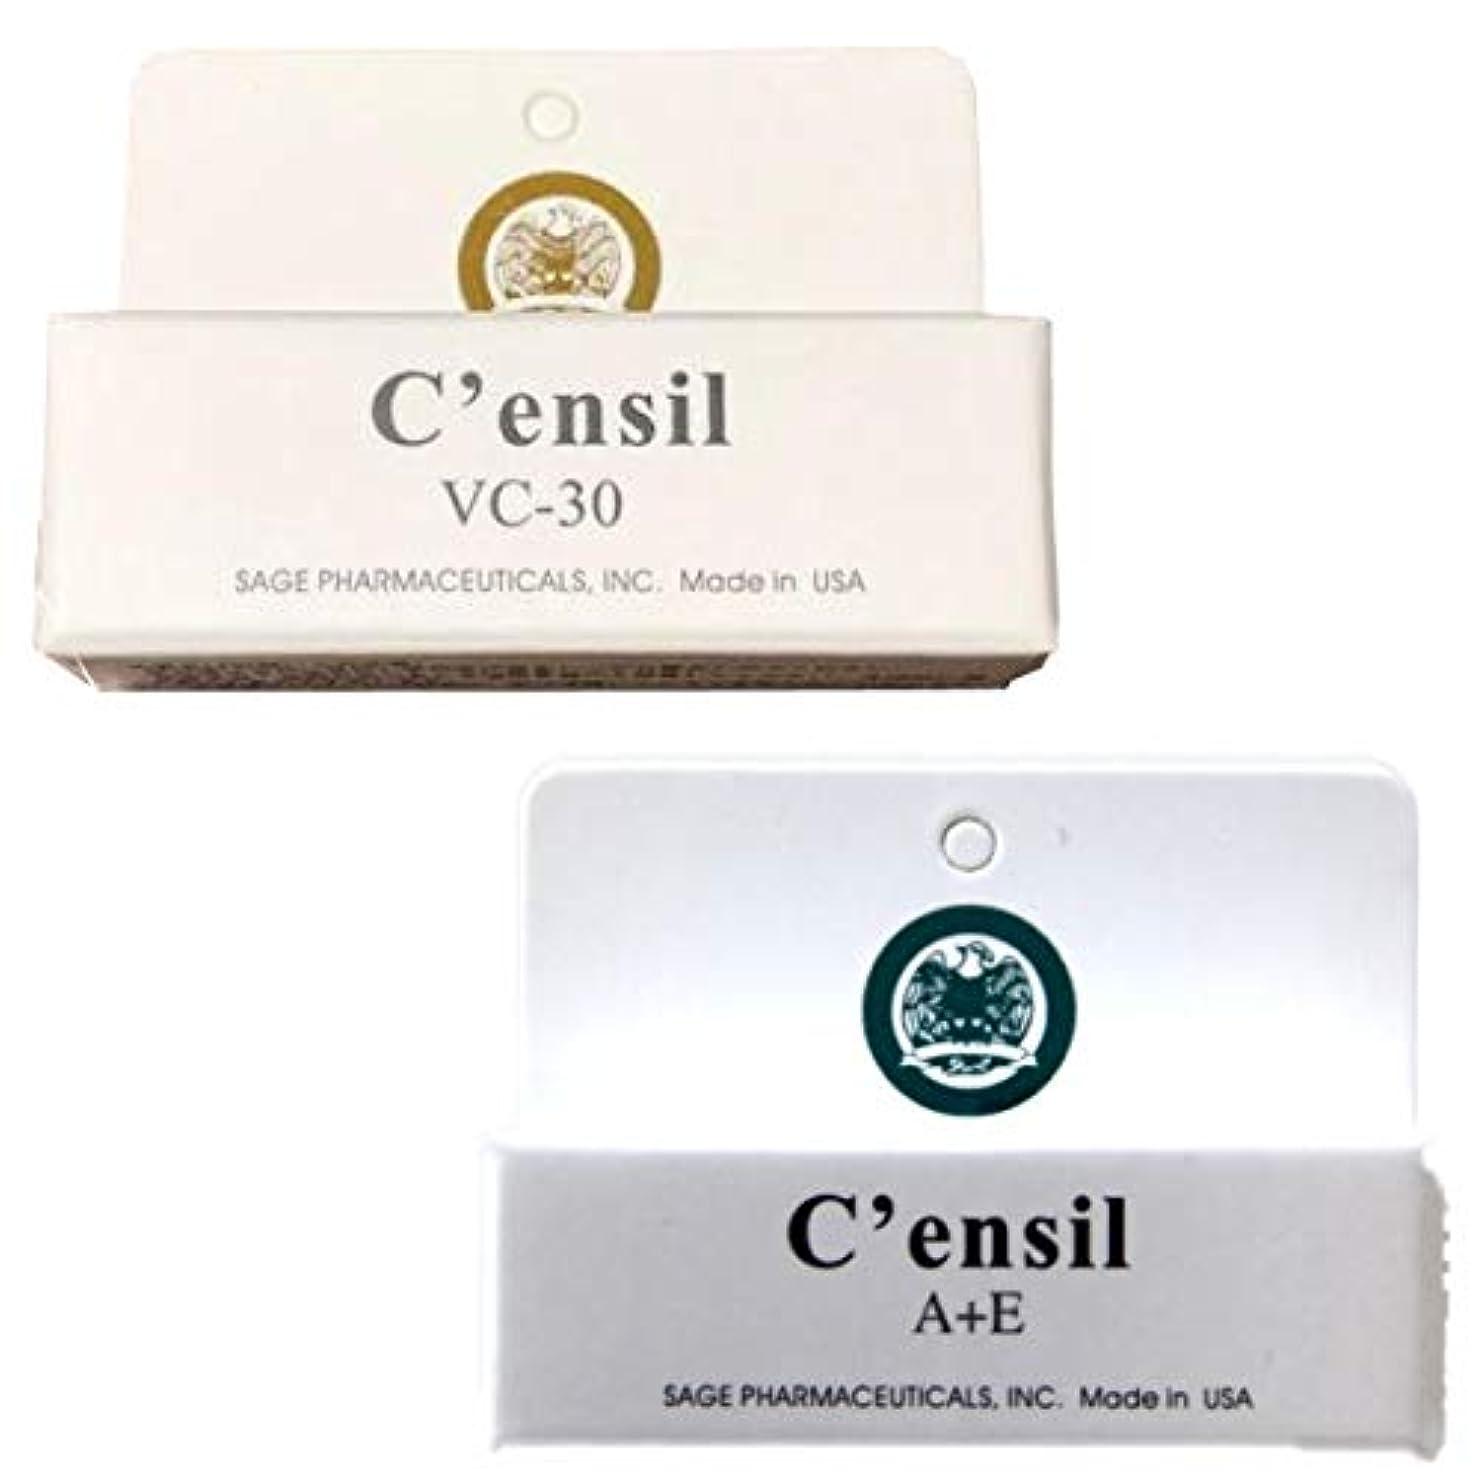 部屋を掃除するメンバーマルクス主義センシル 美容液 C'ensil C-30 ミニ 2ml + A+E ミニ 2mL セット